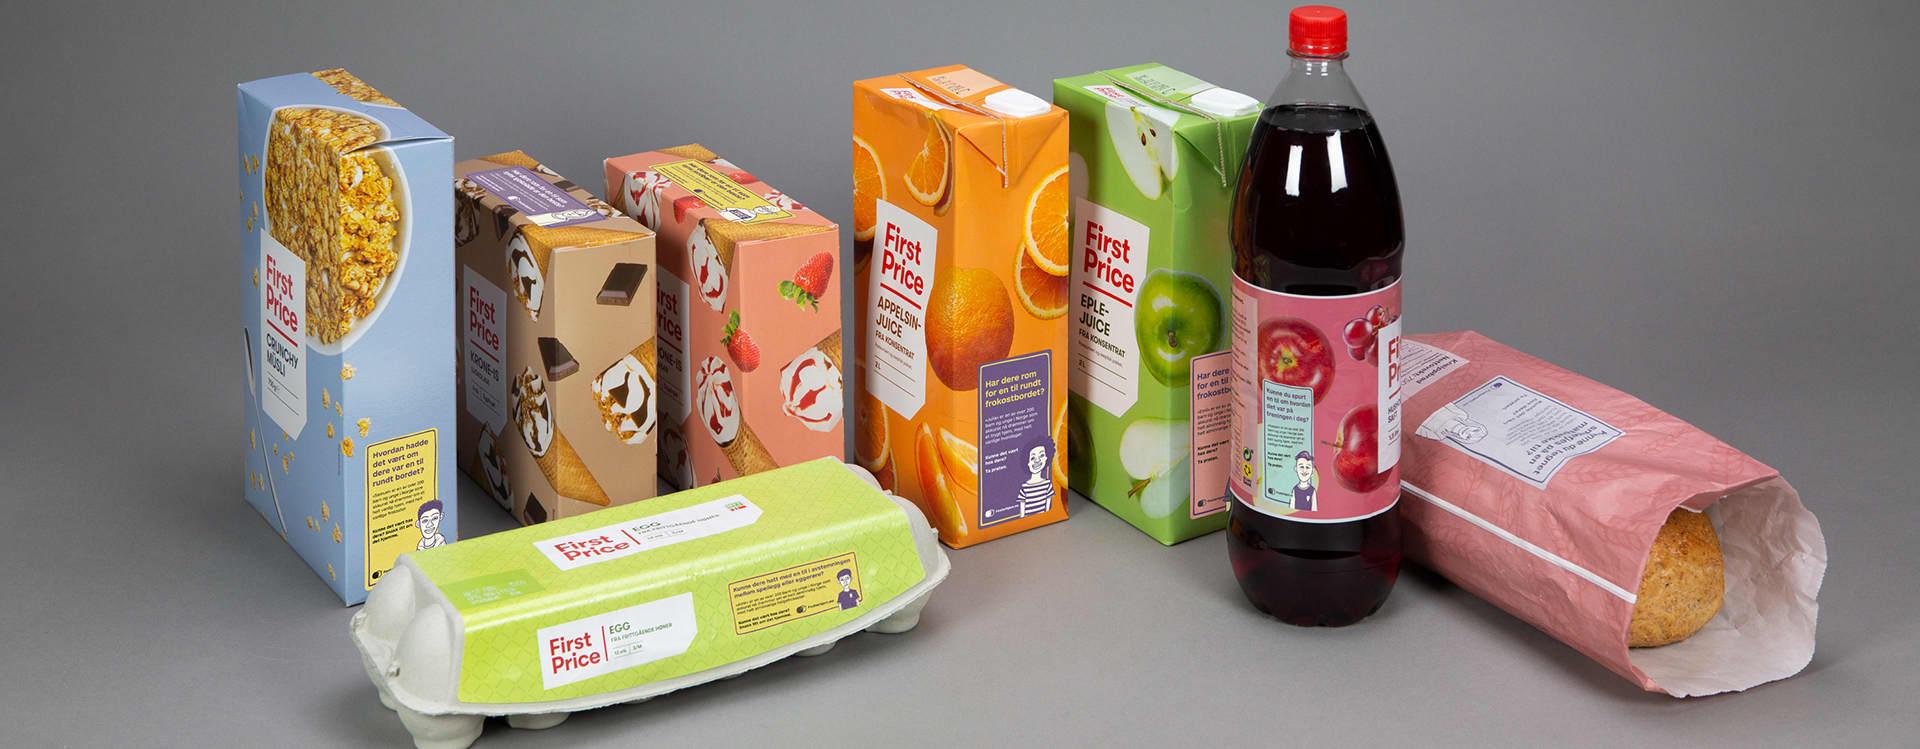 First Price produkter med fosterhjem-informasjon